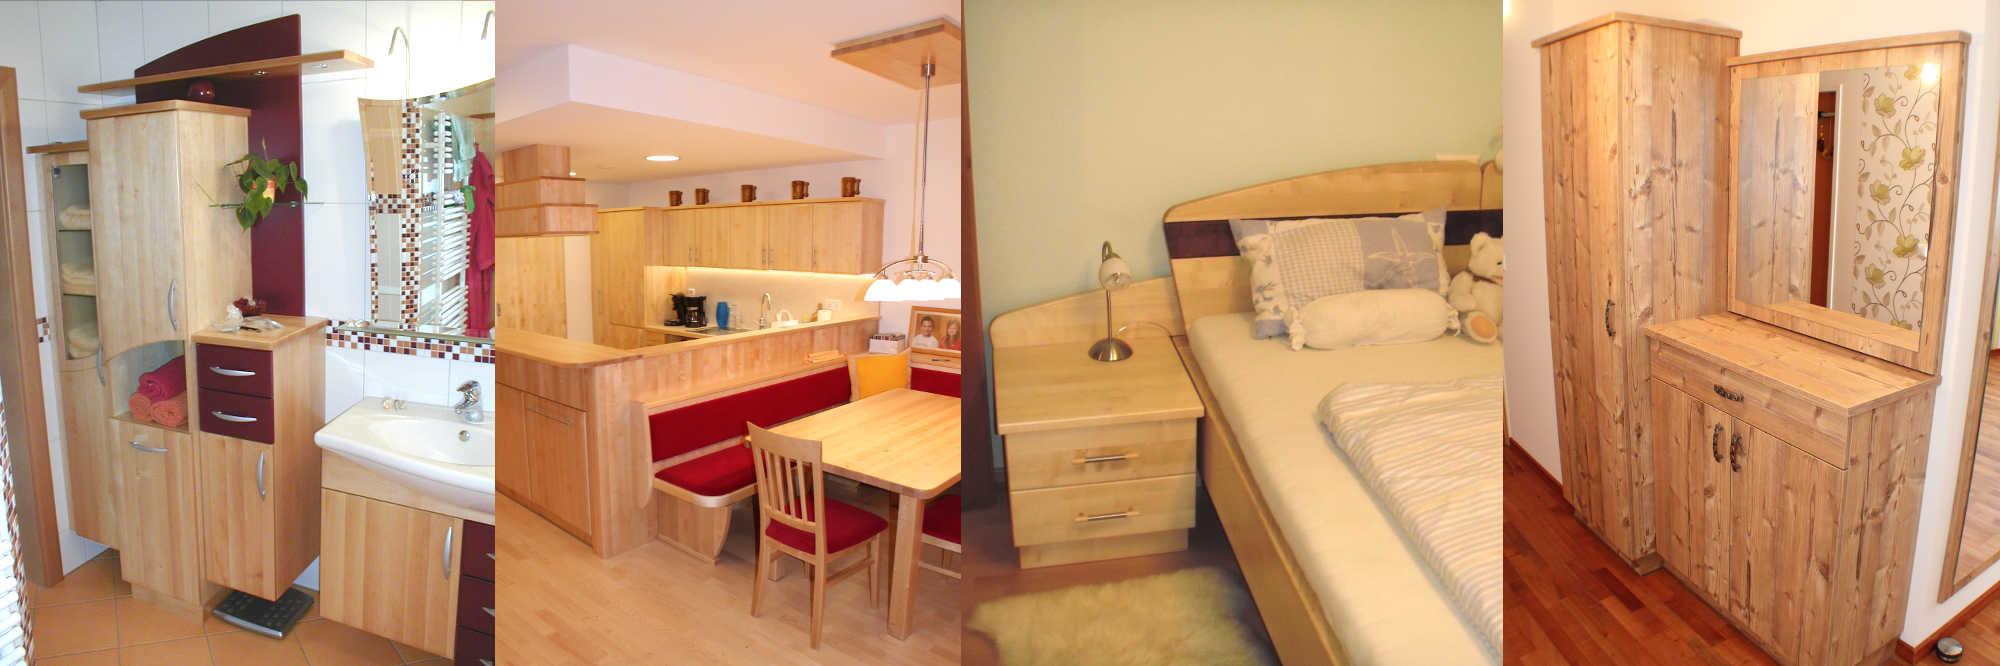 Möbel-Türen-Küchen-Planung